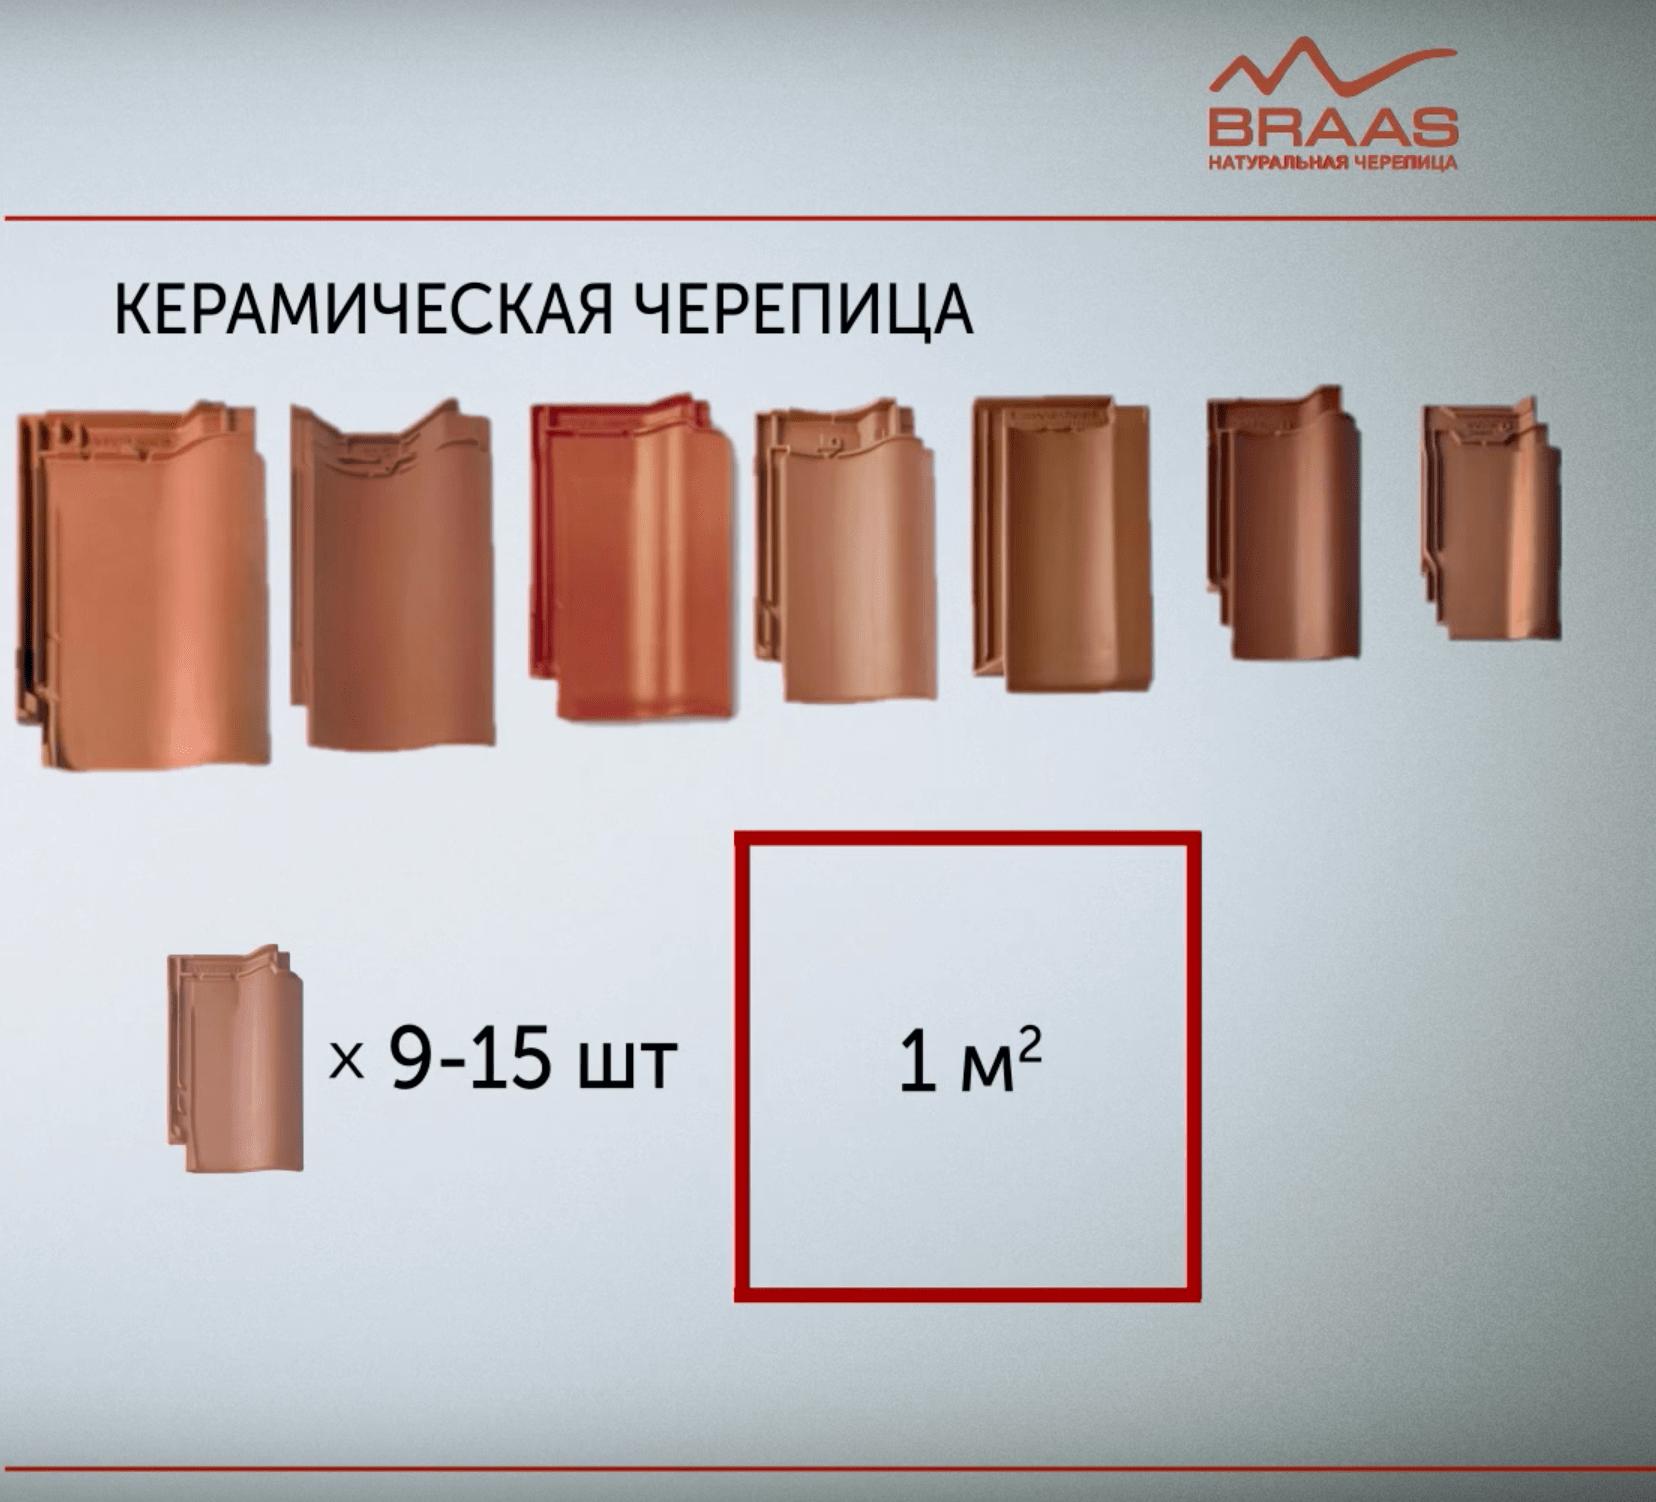 Керамическая черепица в Первомайском, Южном и Чугуеве.